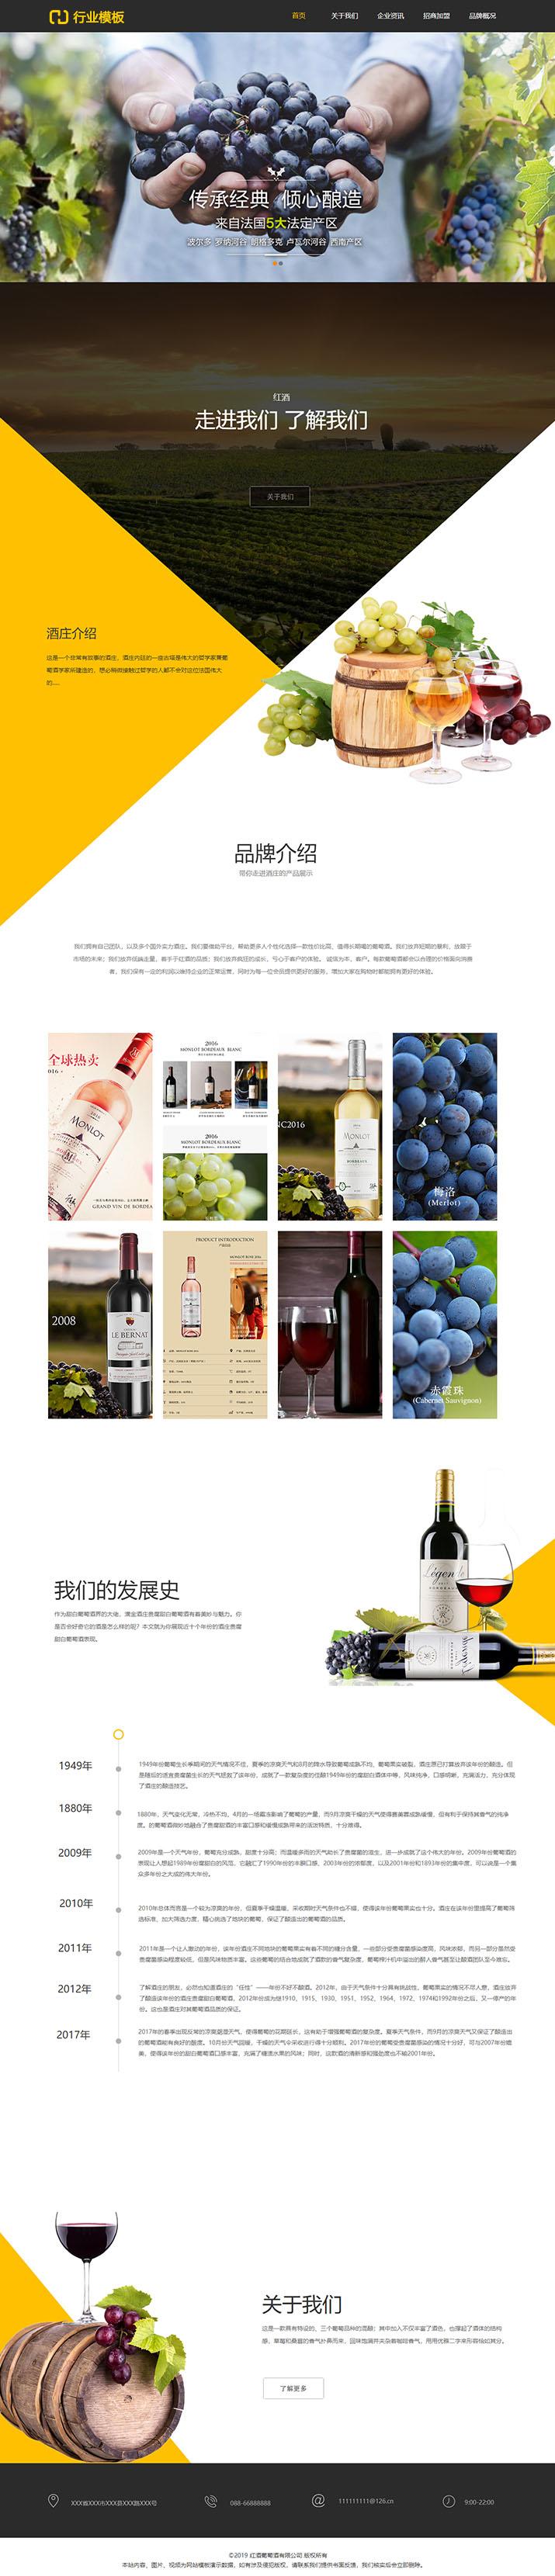 优质庄园葡萄酒网站模板